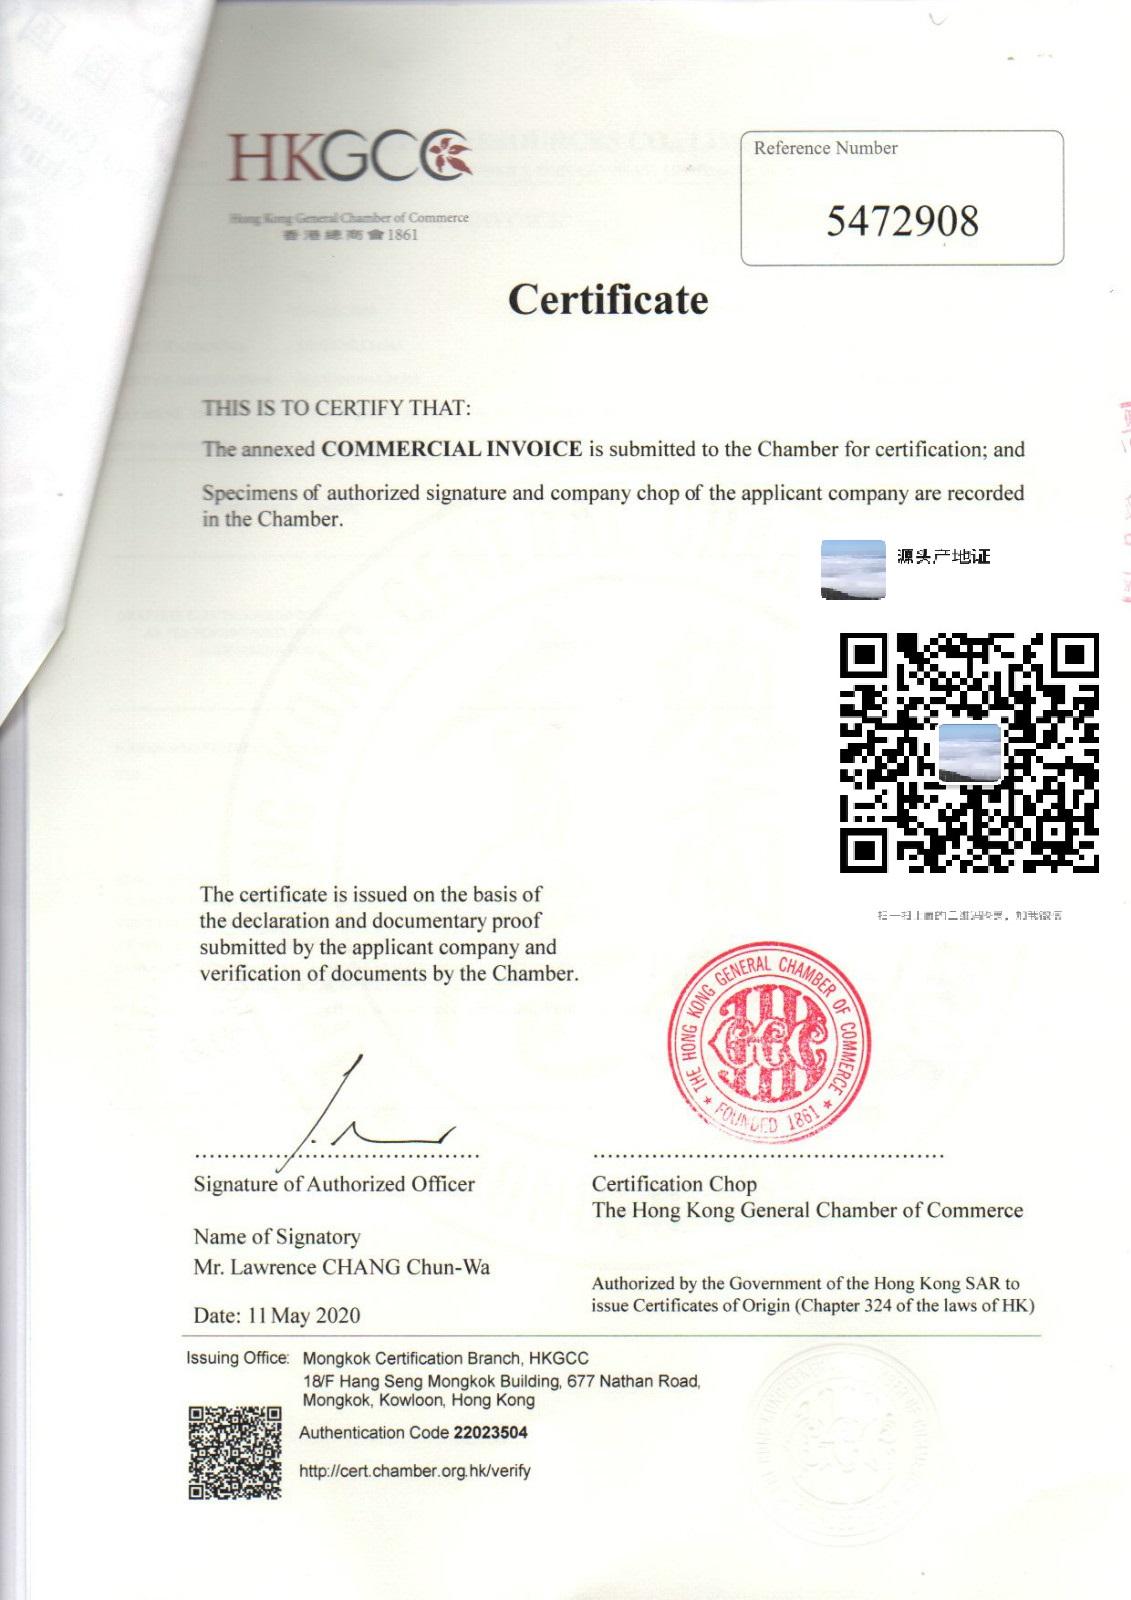 香港总商会证明书